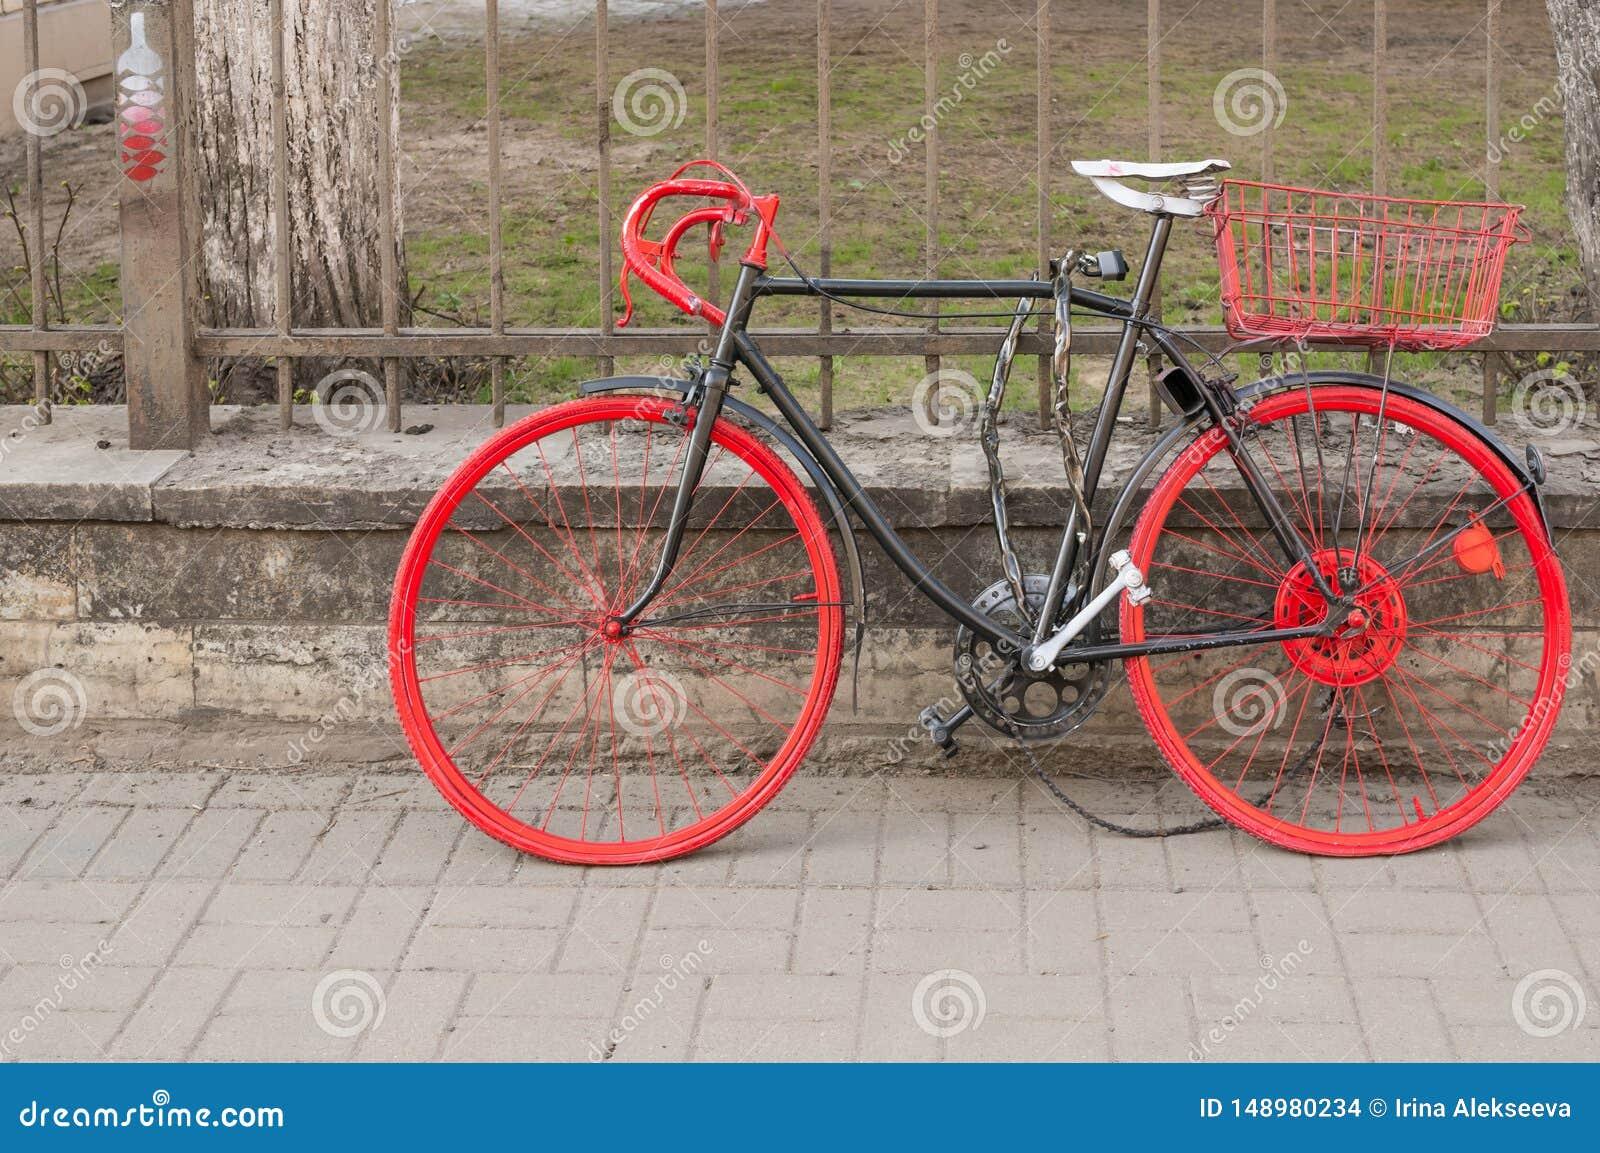 St Petersbourg, Russie - 04 26 2019 : Vieille bicyclette color?e pr?s de la barri?re sur le trottoir dans la ville